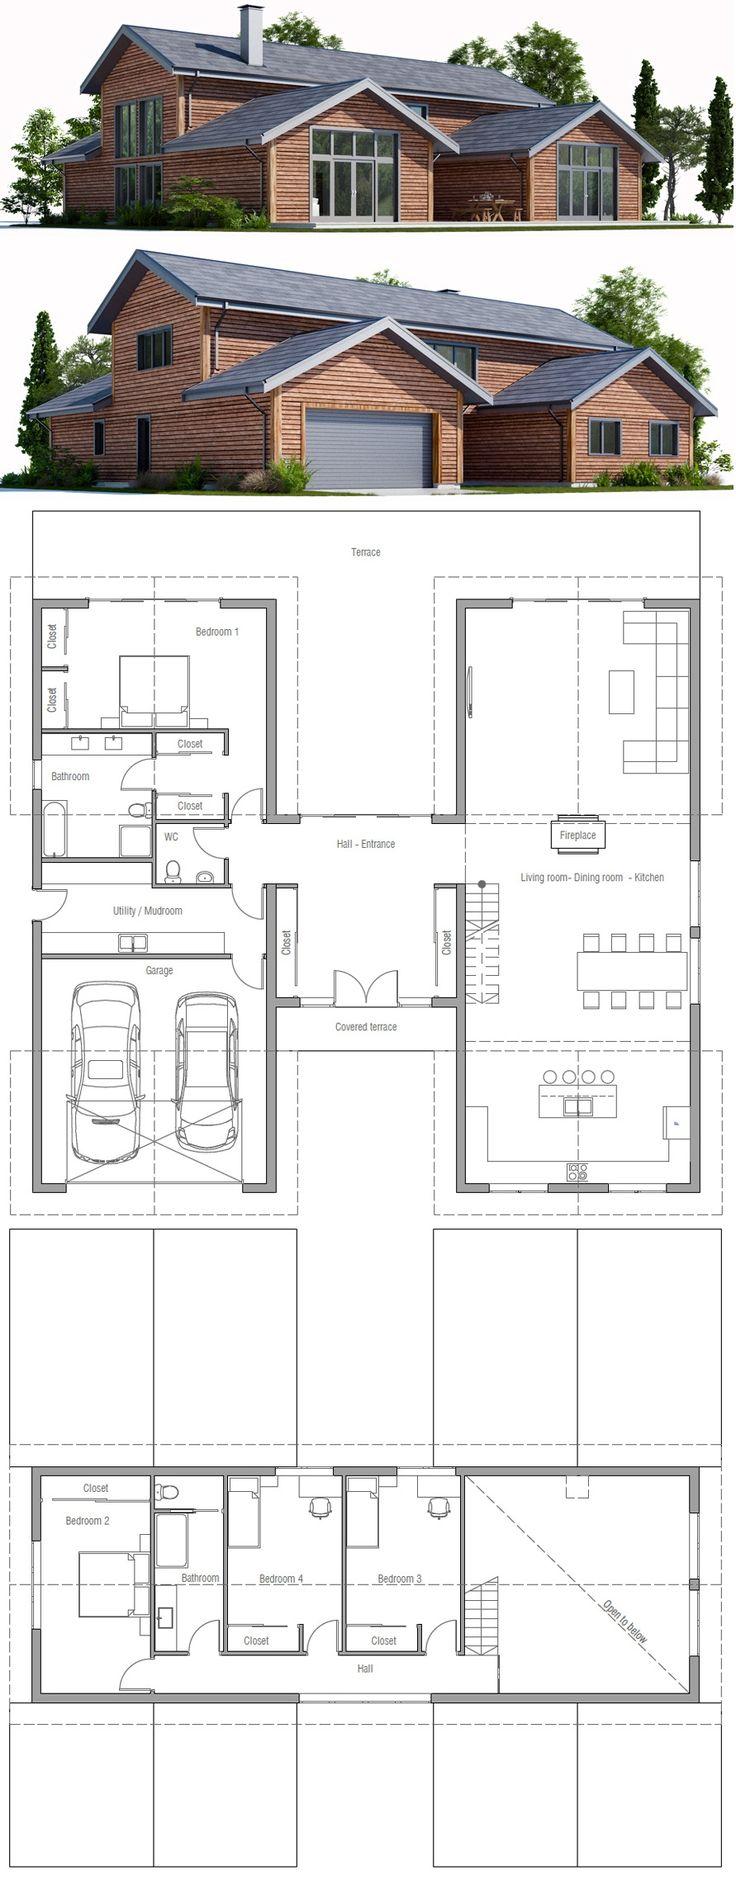 Sims 3 häuser grundrisse architektur sims haus kleine häuser home pläne grundrisse architektur plan wohnungen